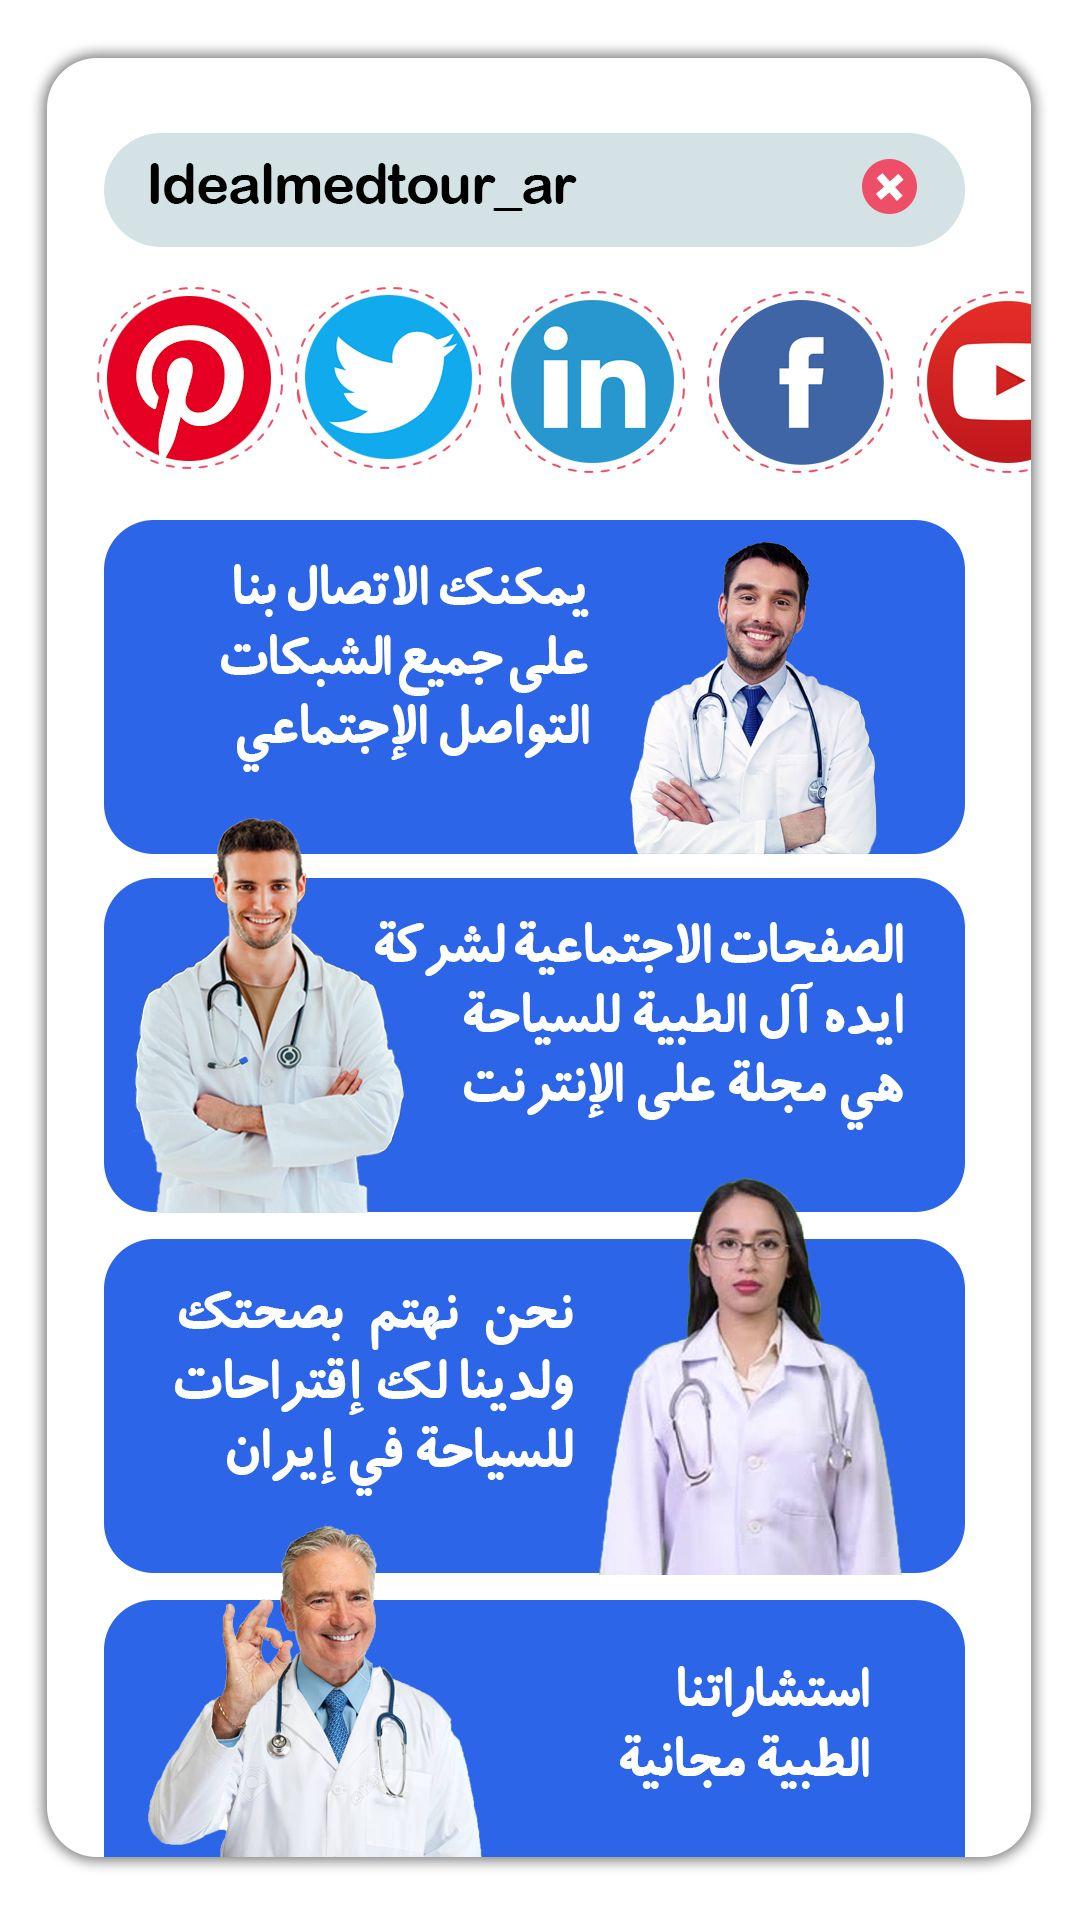 يمكنك متابعة المحتوى الخاص بنا من خلال البحث عن كلمة ايده آل السياحية الطبية على جميع الشبكات الاجتماعية عنواننا في Pinterest عنواننا على موقع يوتيوب عنواننا عل